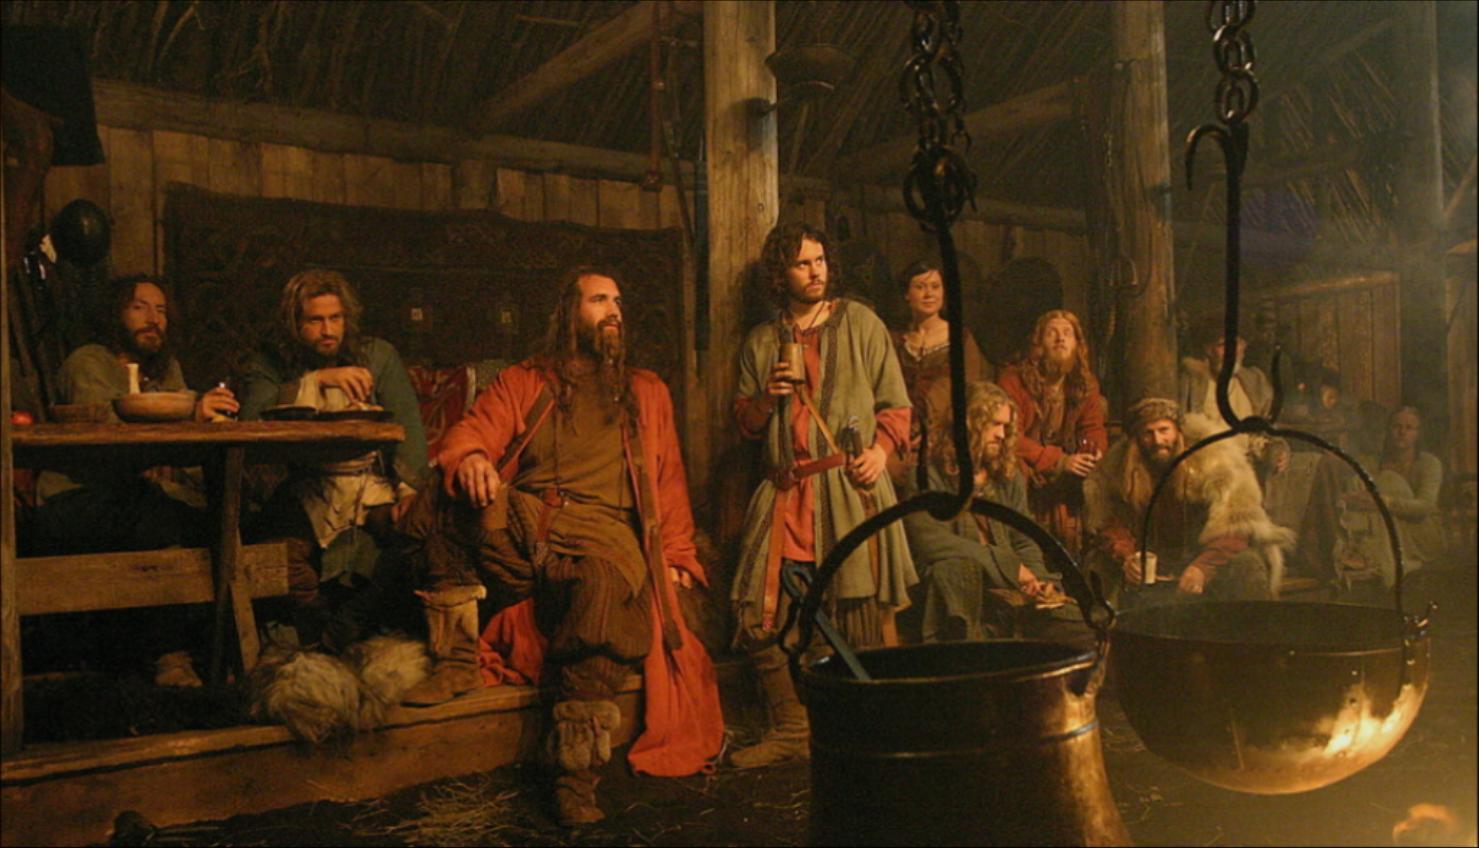 La littérature chrétienne au Moyen-Âge – Anglo-Saxonne – Allemagne – France (extraits et images) Beowulf%20%26%20Grendel%20film%202005